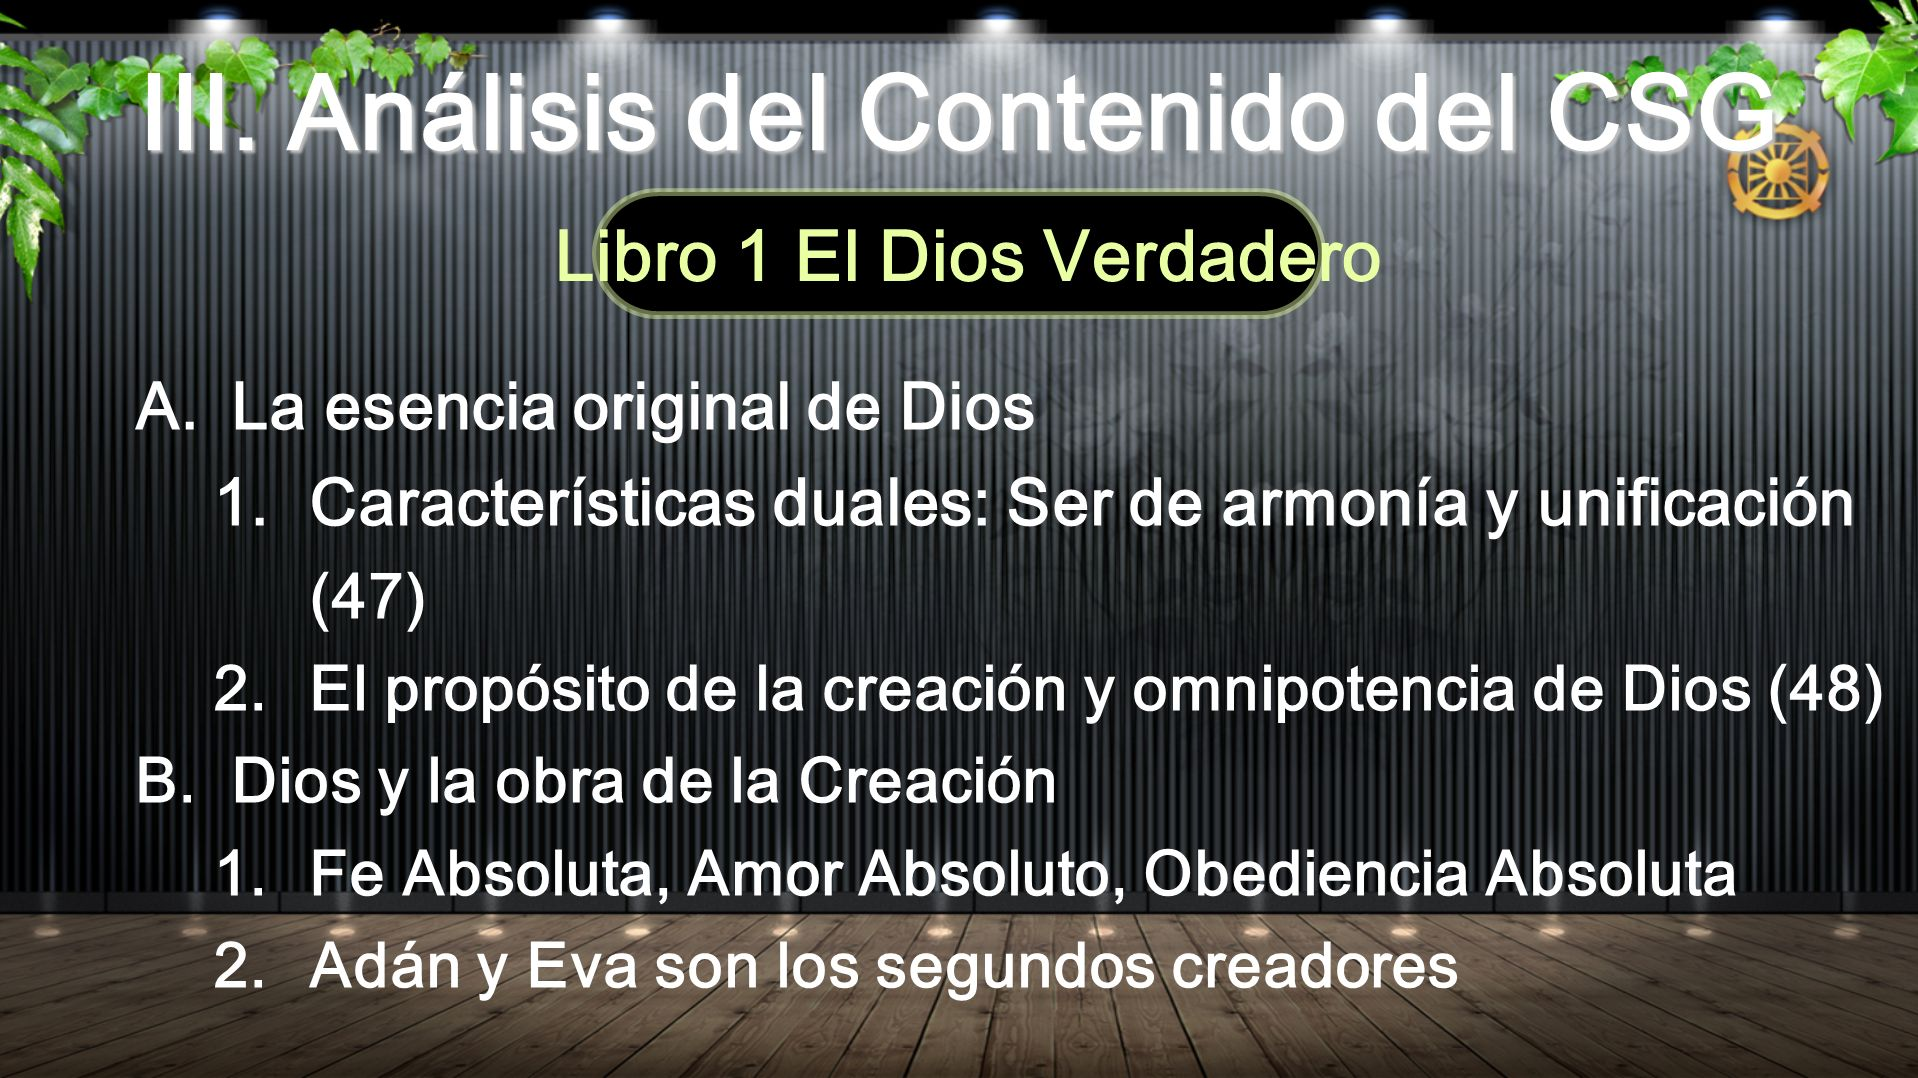 III. Análisis del Contenido del CSG Libro 1 El Dios Verdadero